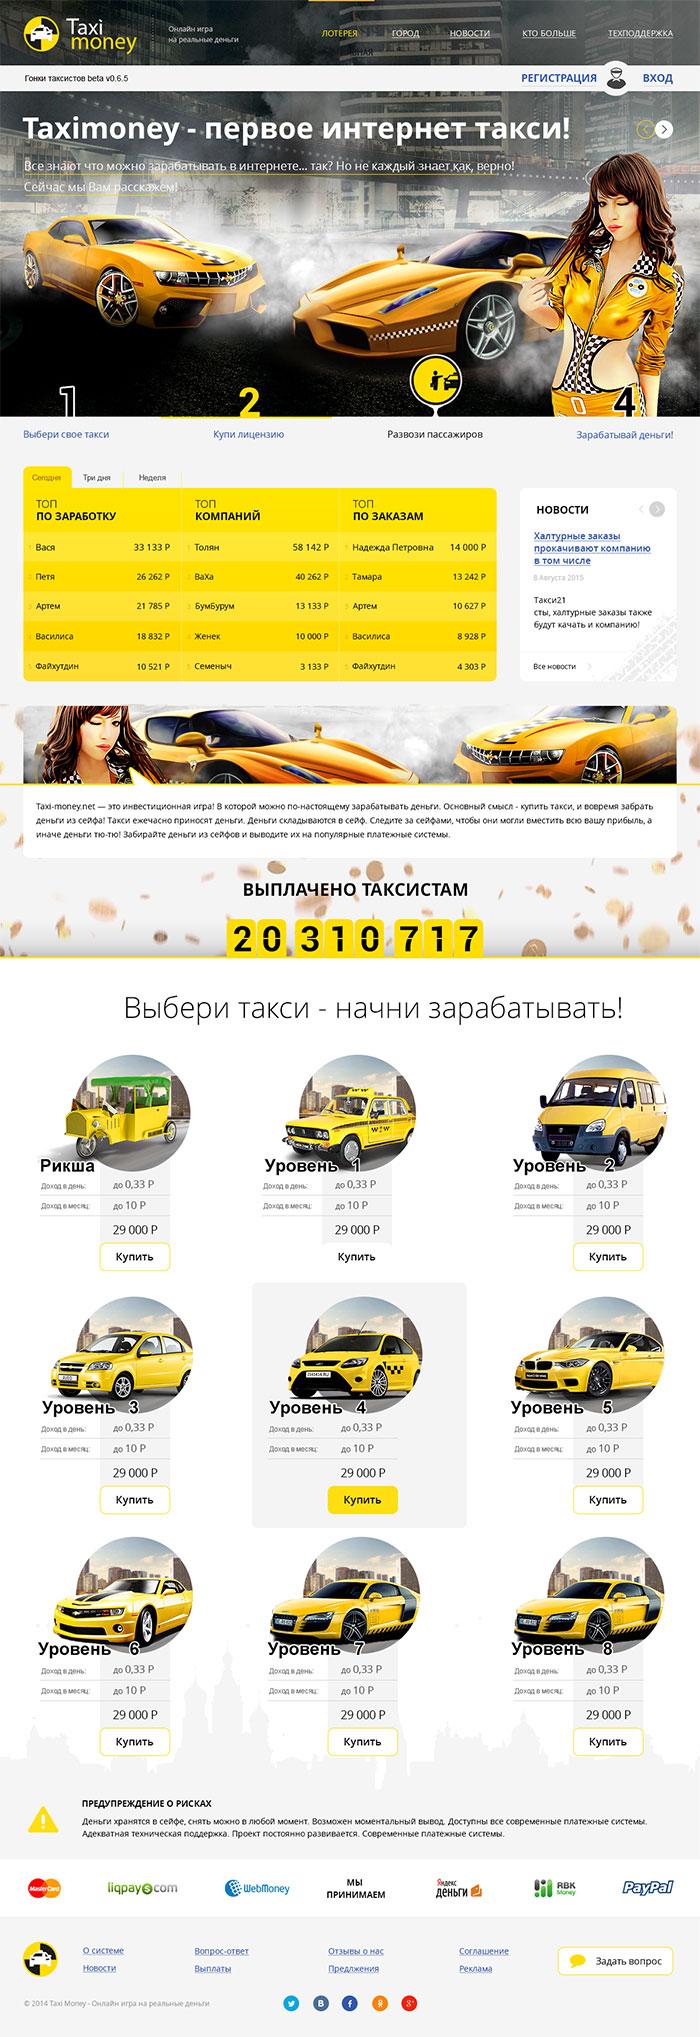 Taxi Money - первое интернет такси